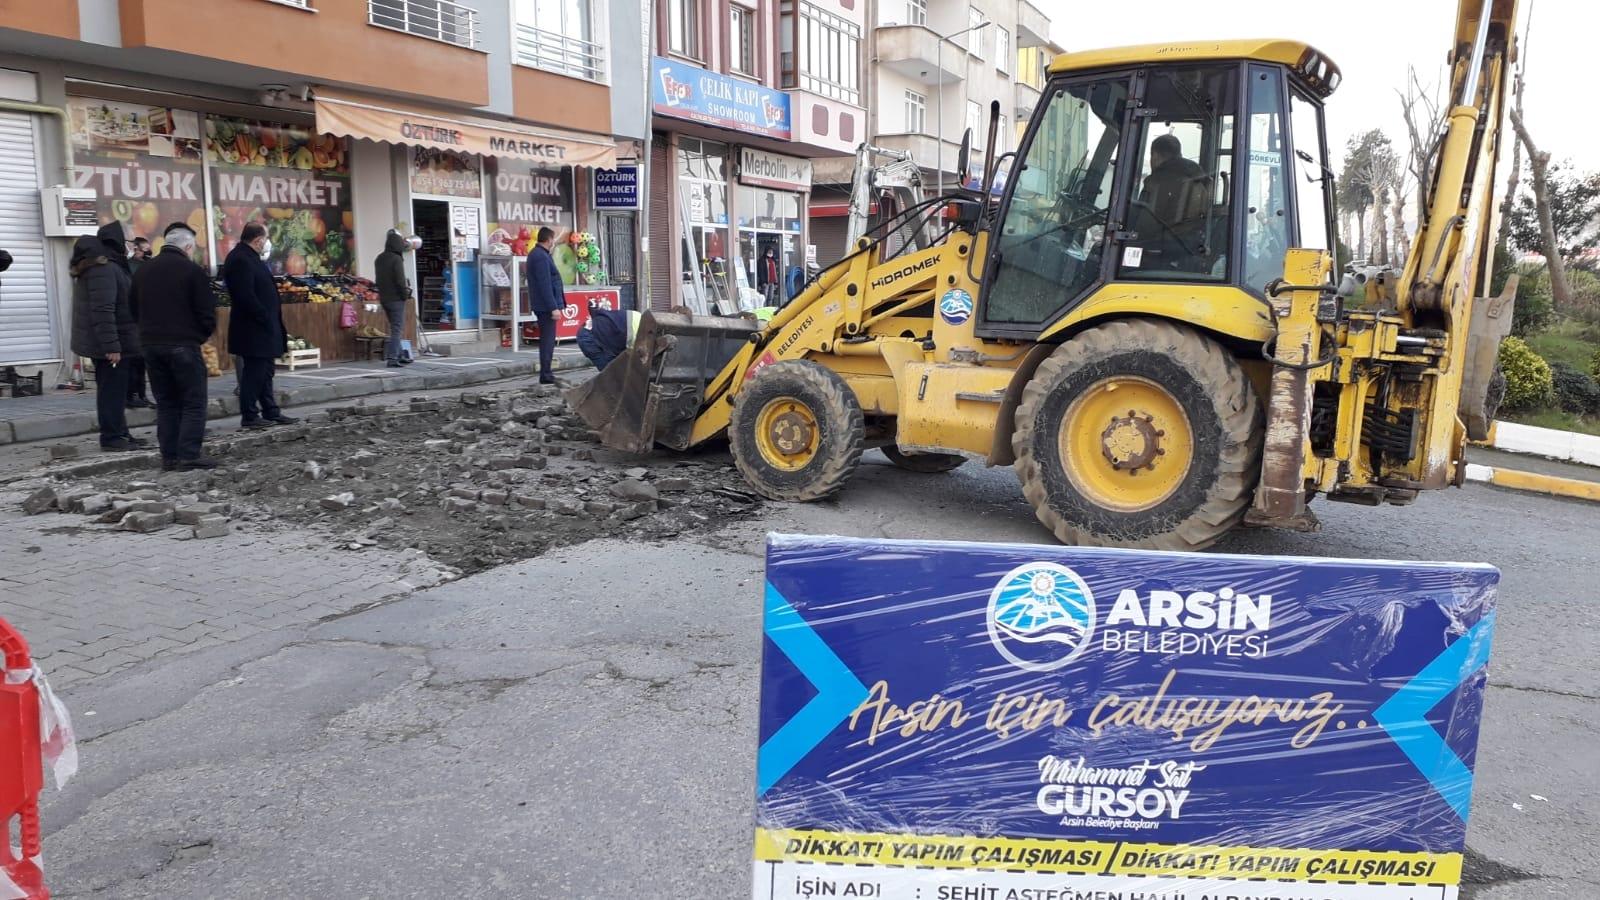 ARSİN'DE ALT YAPI ÇALIŞMALARI BAŞLADI!